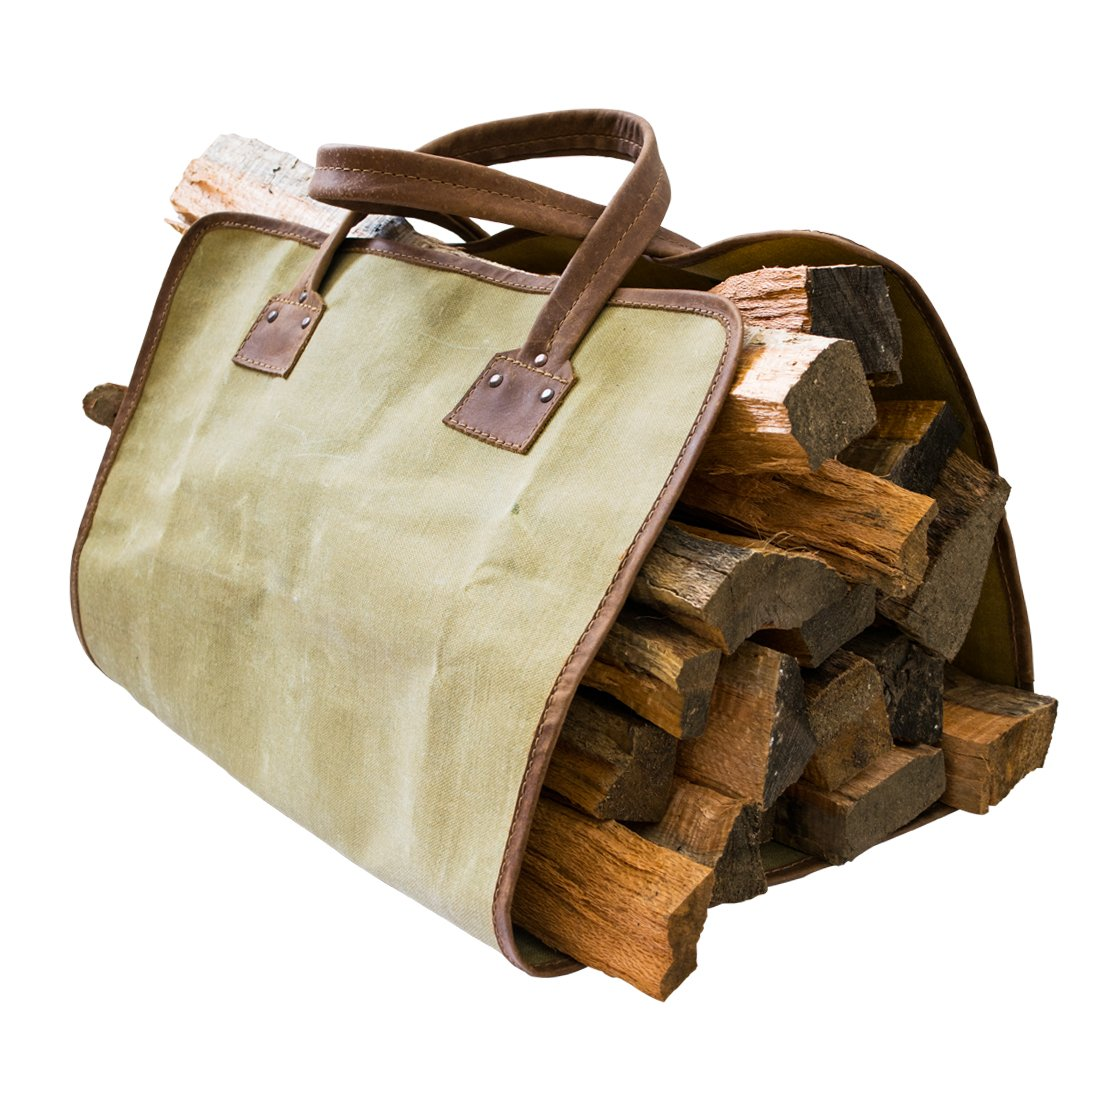 ★お求めやすく価格改定★ Waterproof Waxed by Canvas Fire Bag Drink Handmade by Hide Bag & Drink B01K506W0Q, 新品即決:2321037a --- movellplanejado.com.br